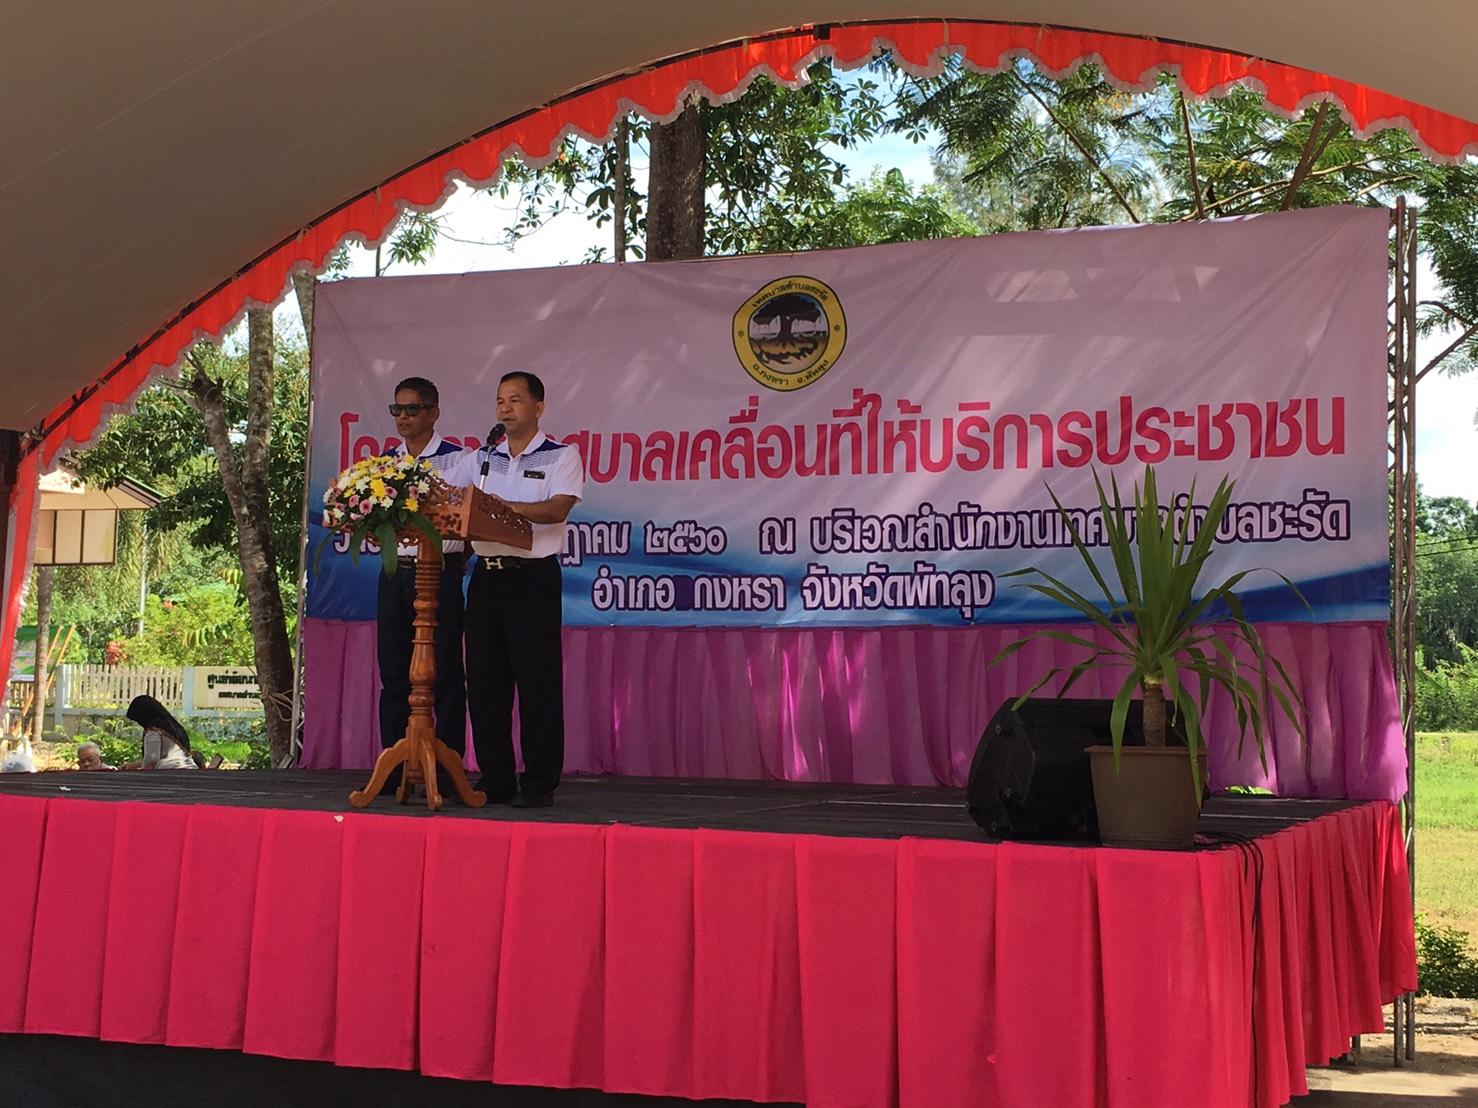 โครงการเทศบาลเคลื่อนที่ให้บริการประชาชน